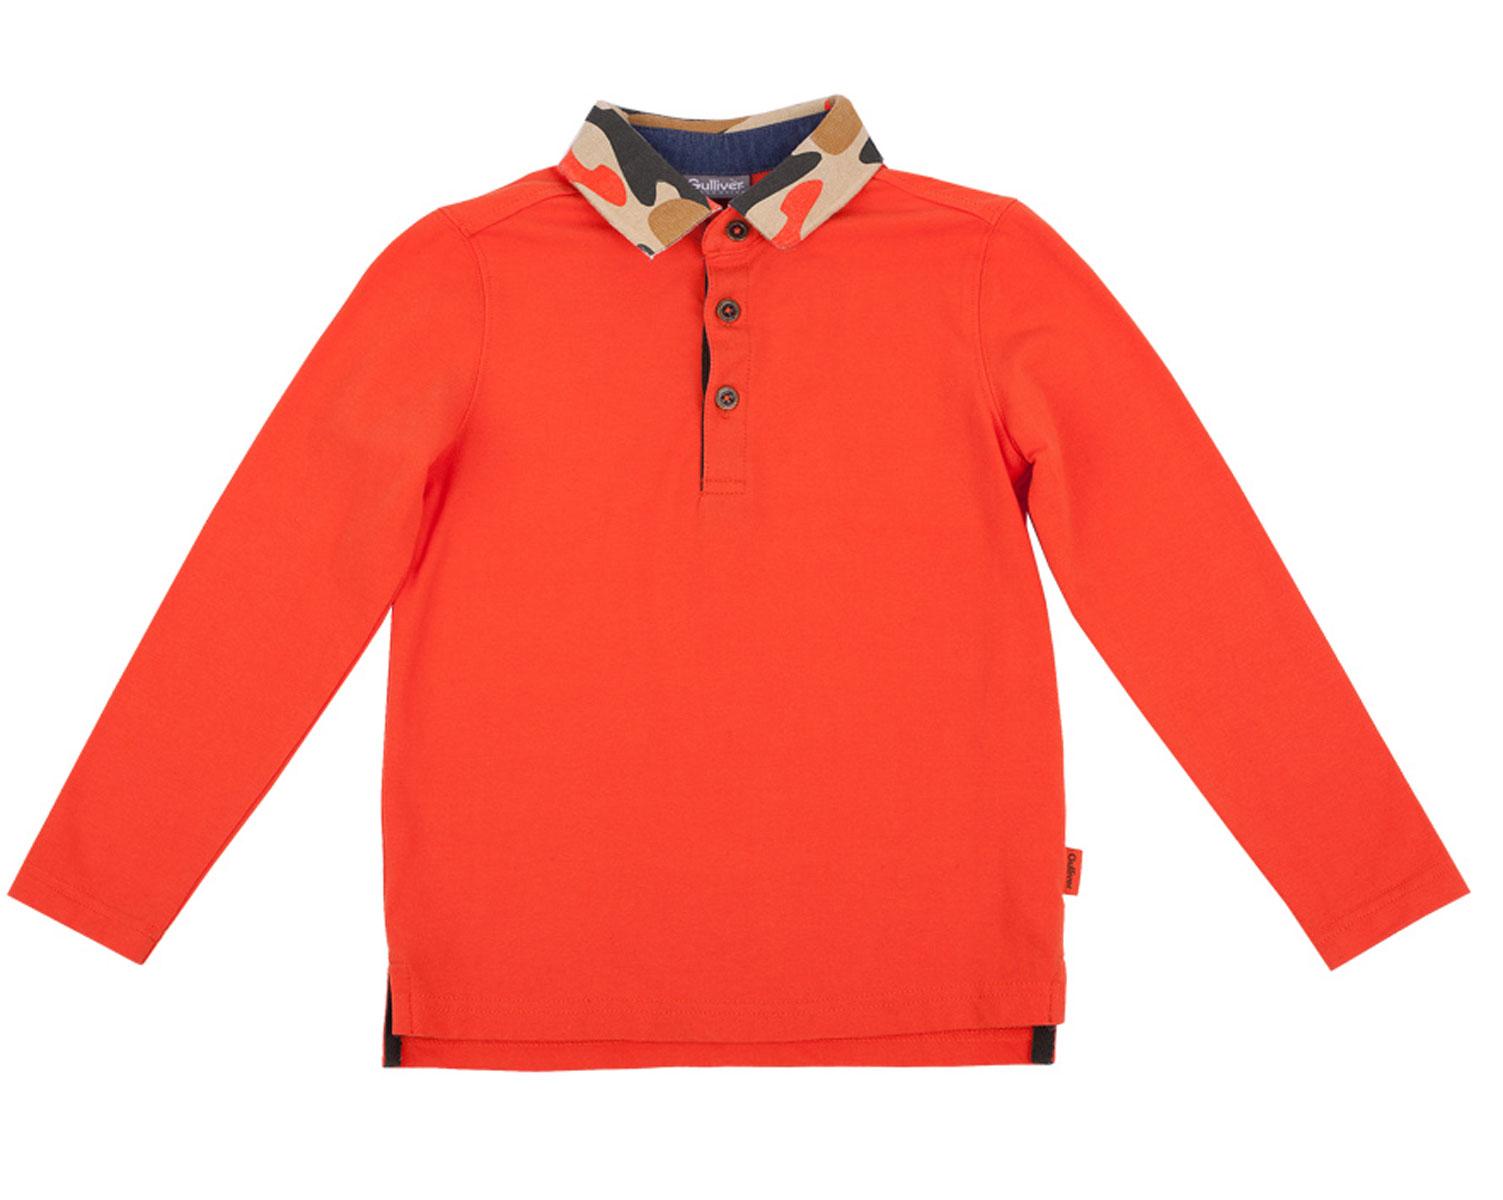 Поло с длинным рукавом для мальчика Gulliver, цвет: оранжевый. 21604BMC1401. Размер 9821604BMC1401Сочное поло с длинным рукавом сделает образ ребенка свежим и интересным! Поло выполнено в лучших традициях стиля Casual: контрастные отделки, вышивка, принт. Изюминка модели - рисунок милитари , нанесенный на трикотажный воротник. Это создает интересную цветовую и орнаментальную игру, что делает детское поло ярким и занимательным. Если вы хотите купить оригинальное поло, эта модель - то, что вы ищите! Она подарит ребенку комфорт и хорошее настроение!